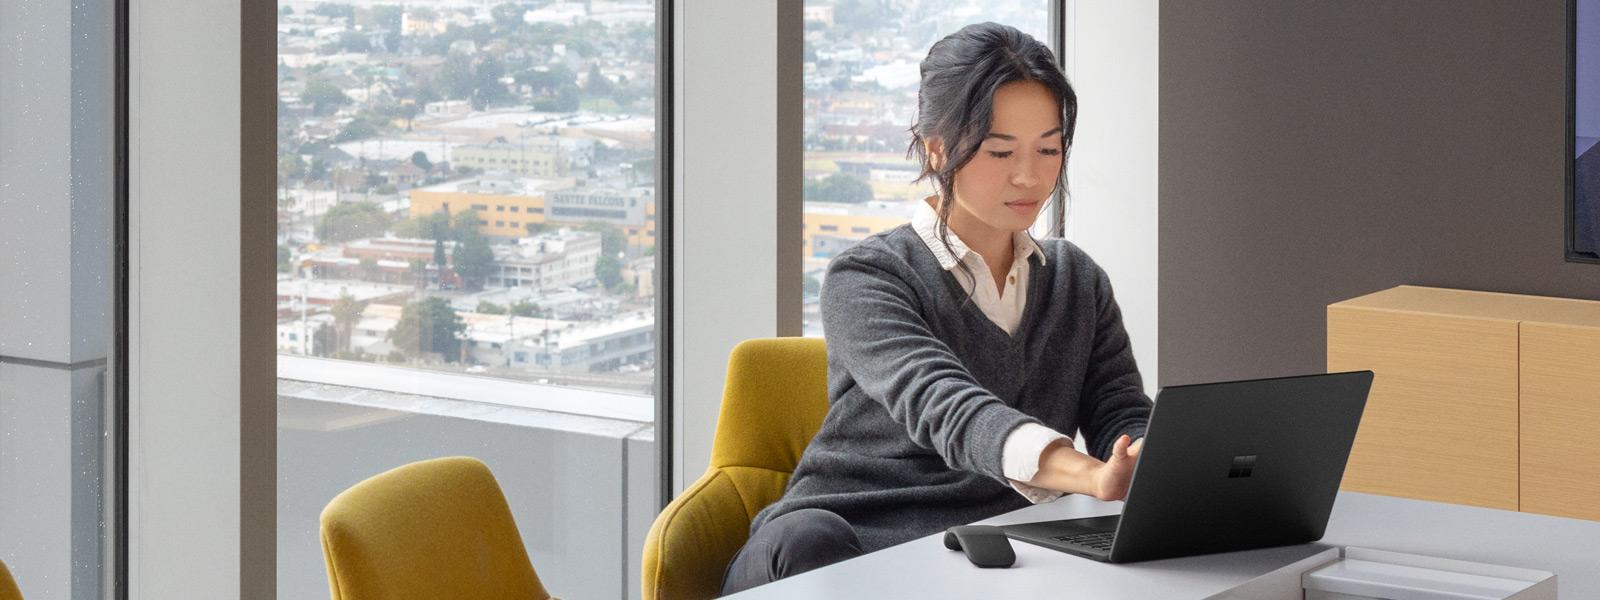 Een vrouw werkt aan haar bureau op een matzwarte Surface Laptop 2